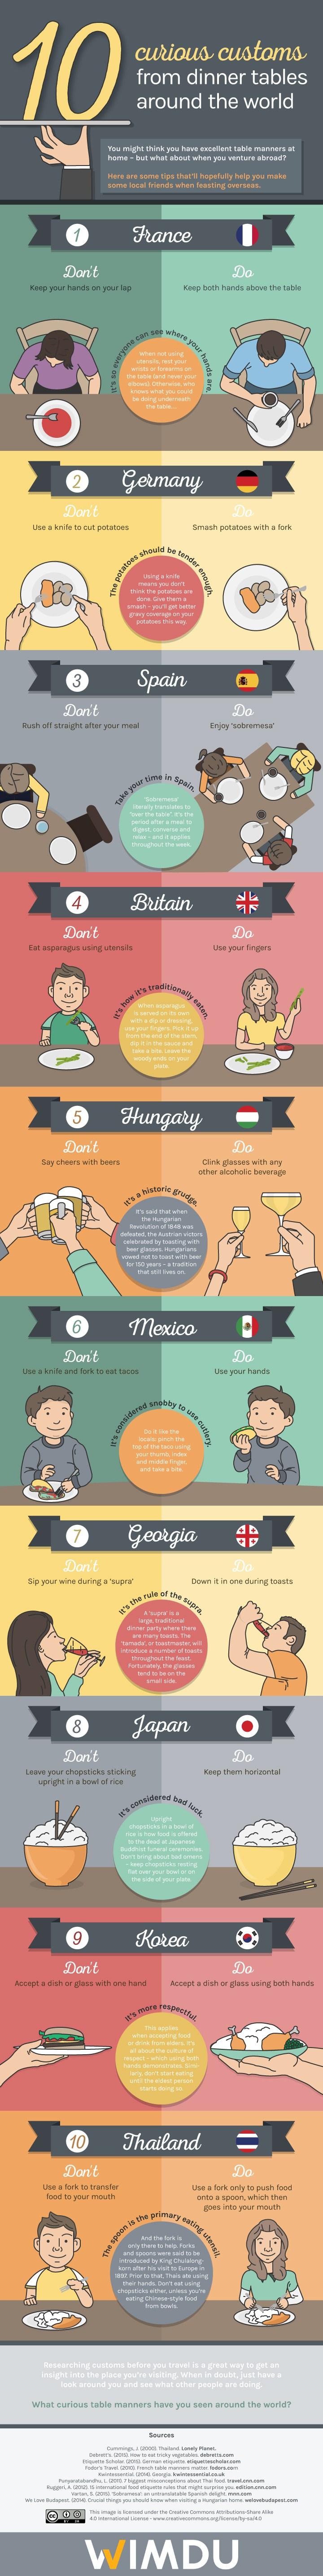 dinner-table-customs-infographic.jpg